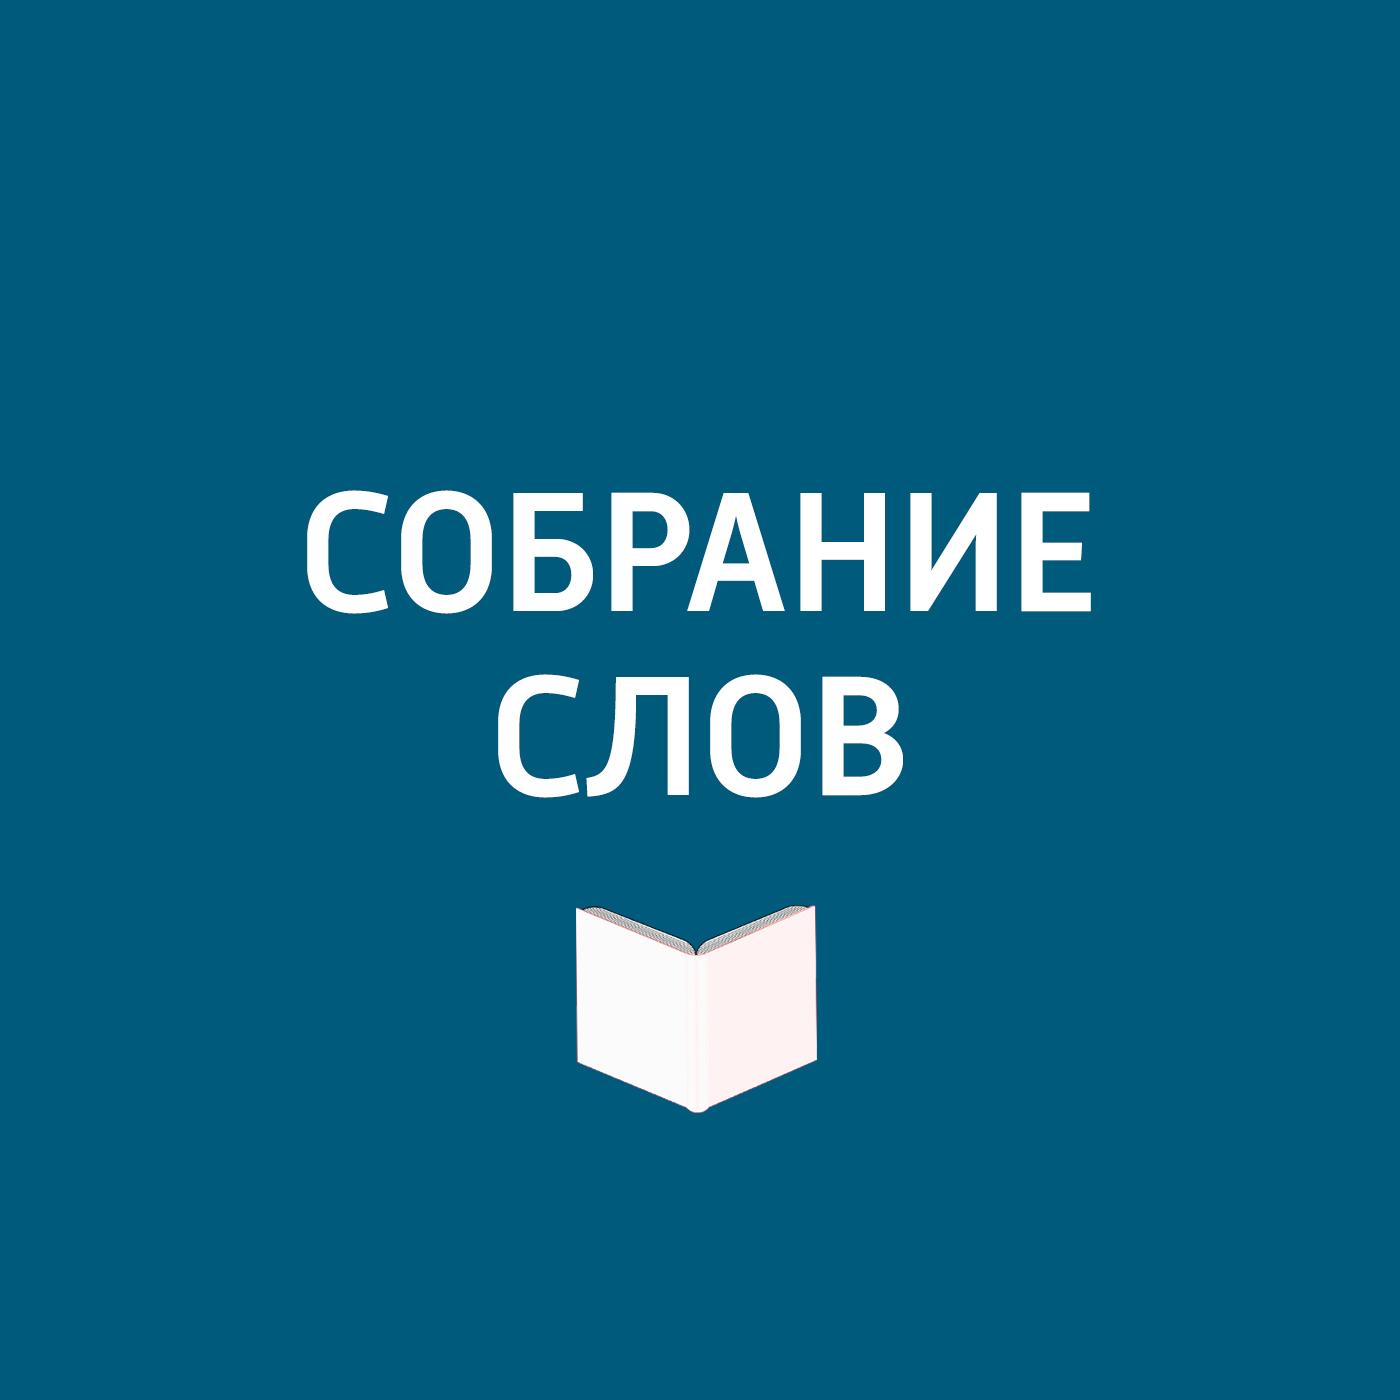 купить Творческий коллектив программы «Собрание слов» Большое интервью Армена Джигарханяна по цене 49 рублей